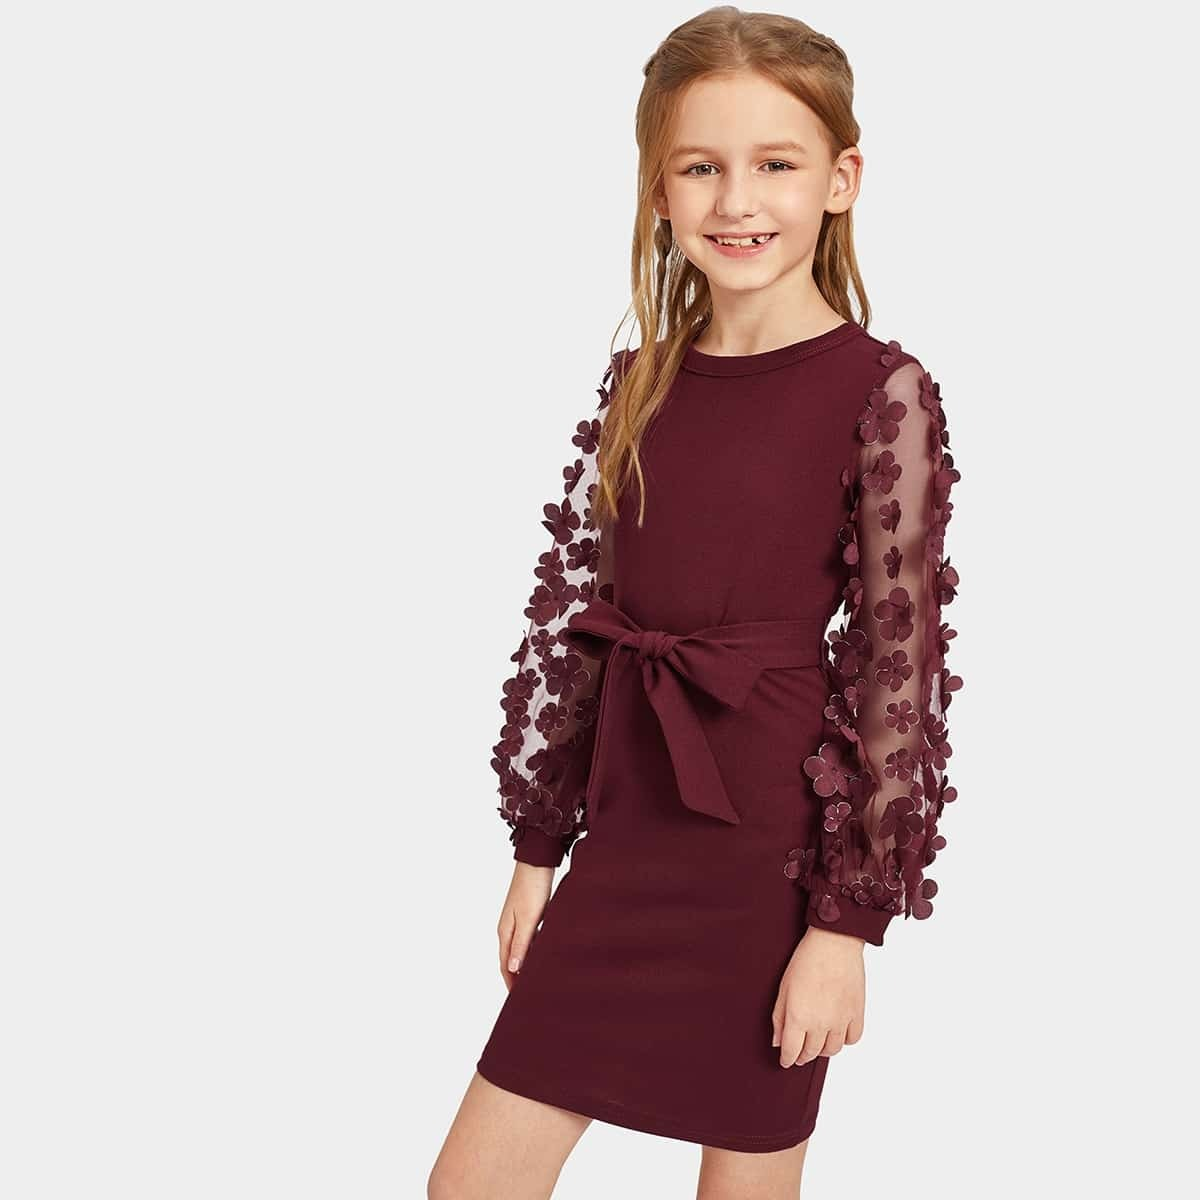 Mädchen Kleid mit Netzstoff, Applikation und Gürtel